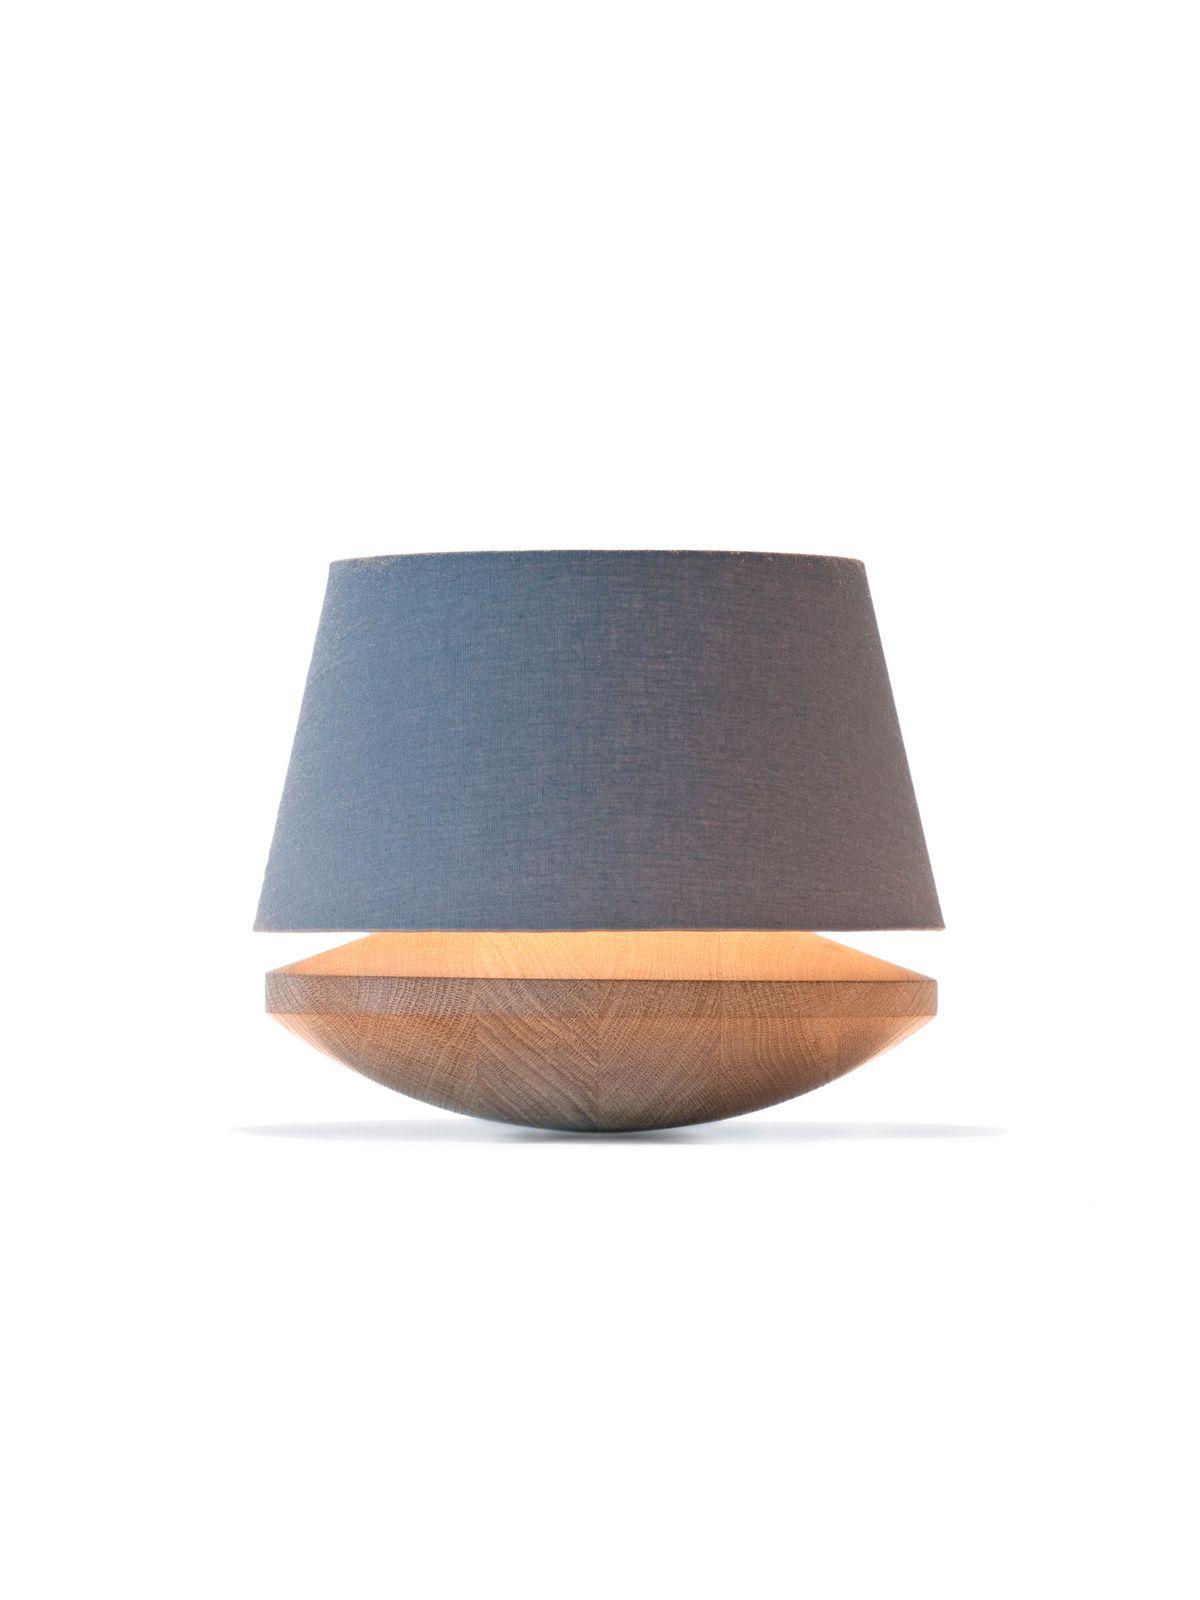 Kjell Domus Licht Designort Com Lampen Und Leuchten Lampendesign Lampen